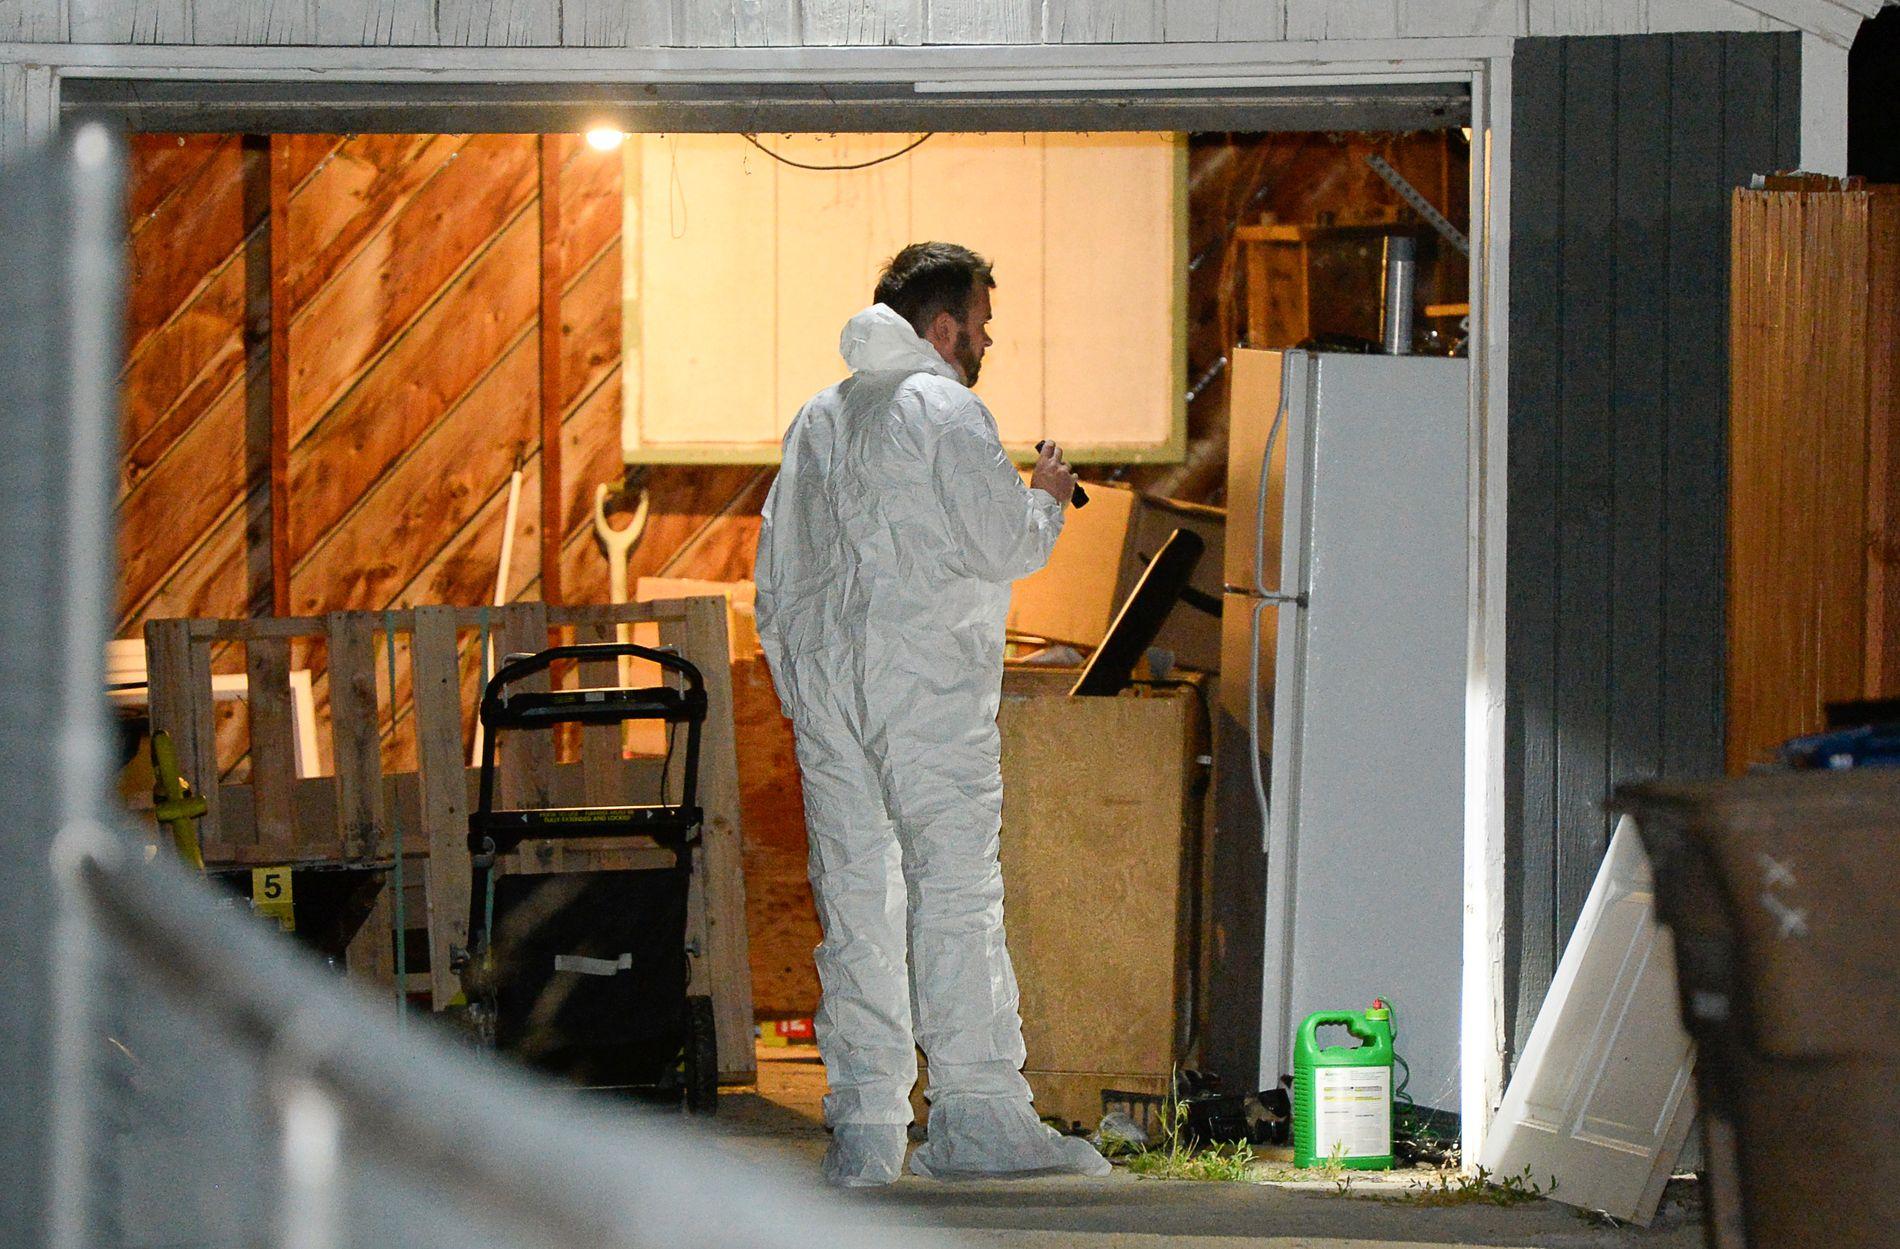 ETTERFORSKNING: Politiet undersøker en eiendom etter at en 23 år gammel kvinne forsvant i området mandag for over en uke siden.